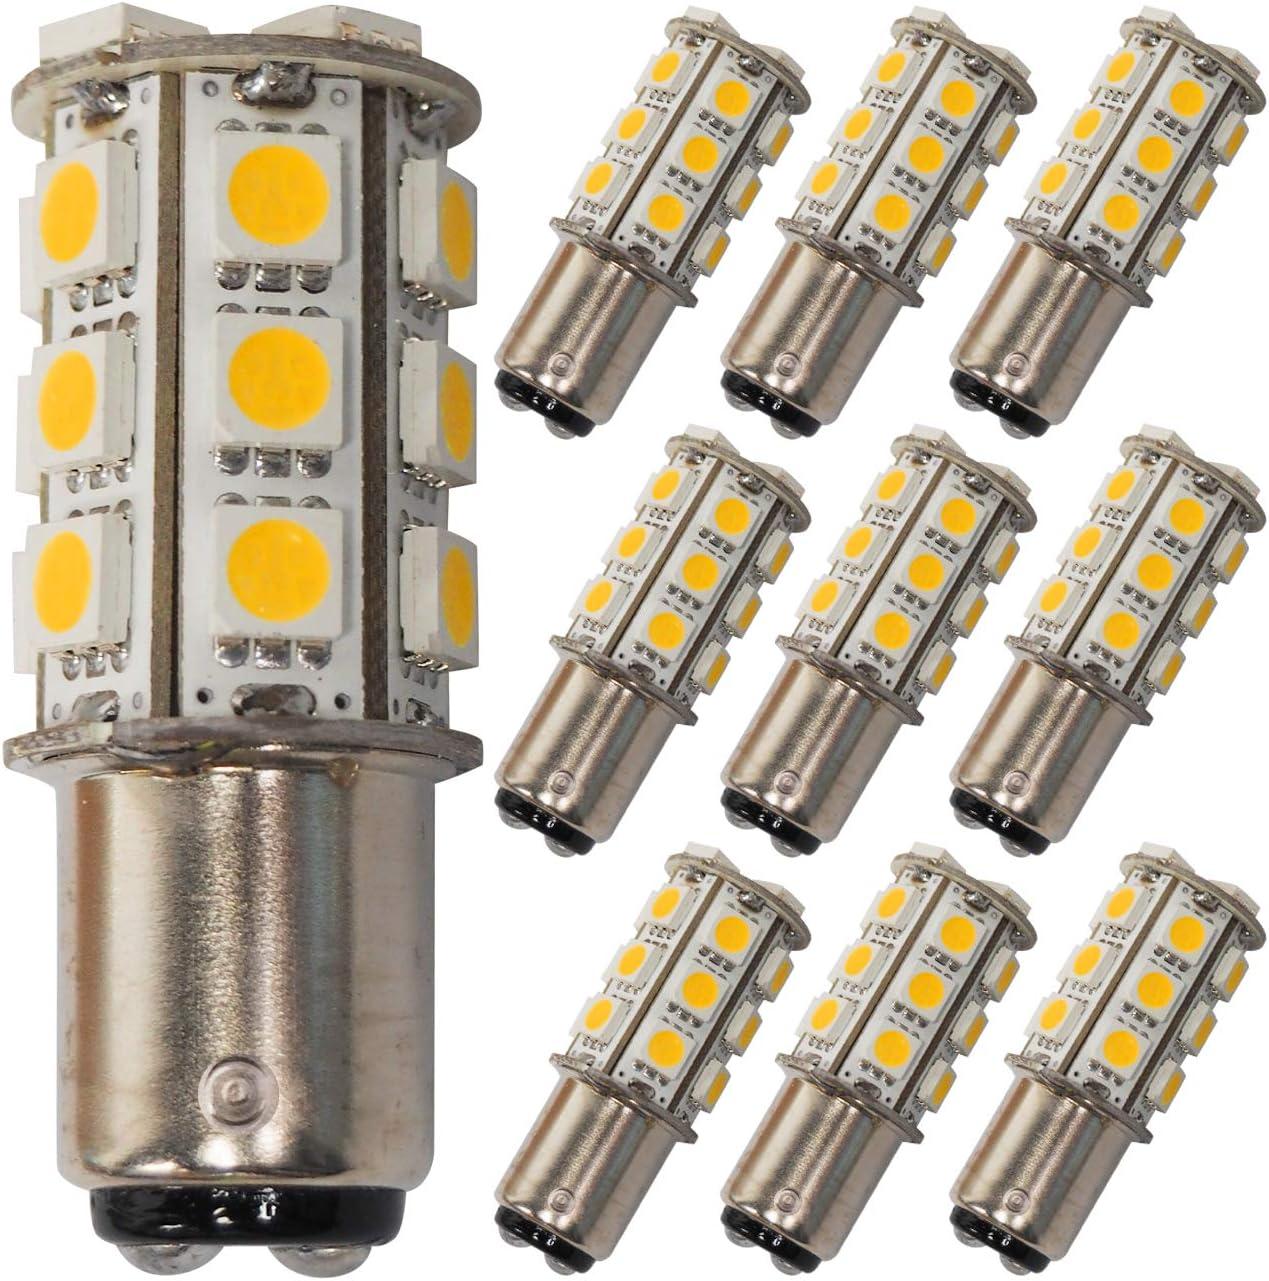 GRV Ba15d 1142 1076 High Power Car LED Bulb 24-5050 SMD DC 12V Cool White Pack of 2